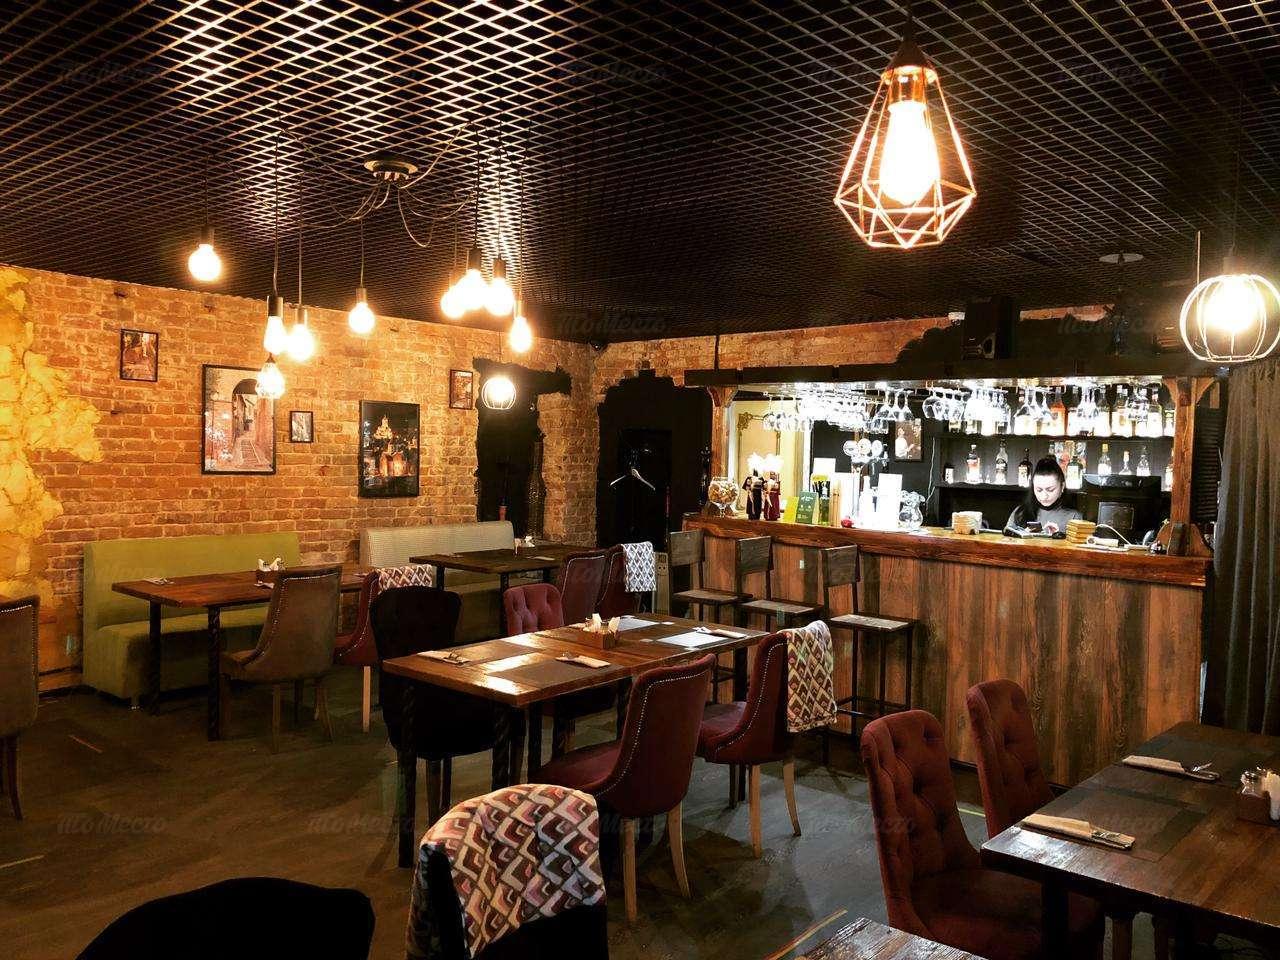 Кафе Мизандари (бывш. Дон Корлеоне) на Старой Басманной фото 4